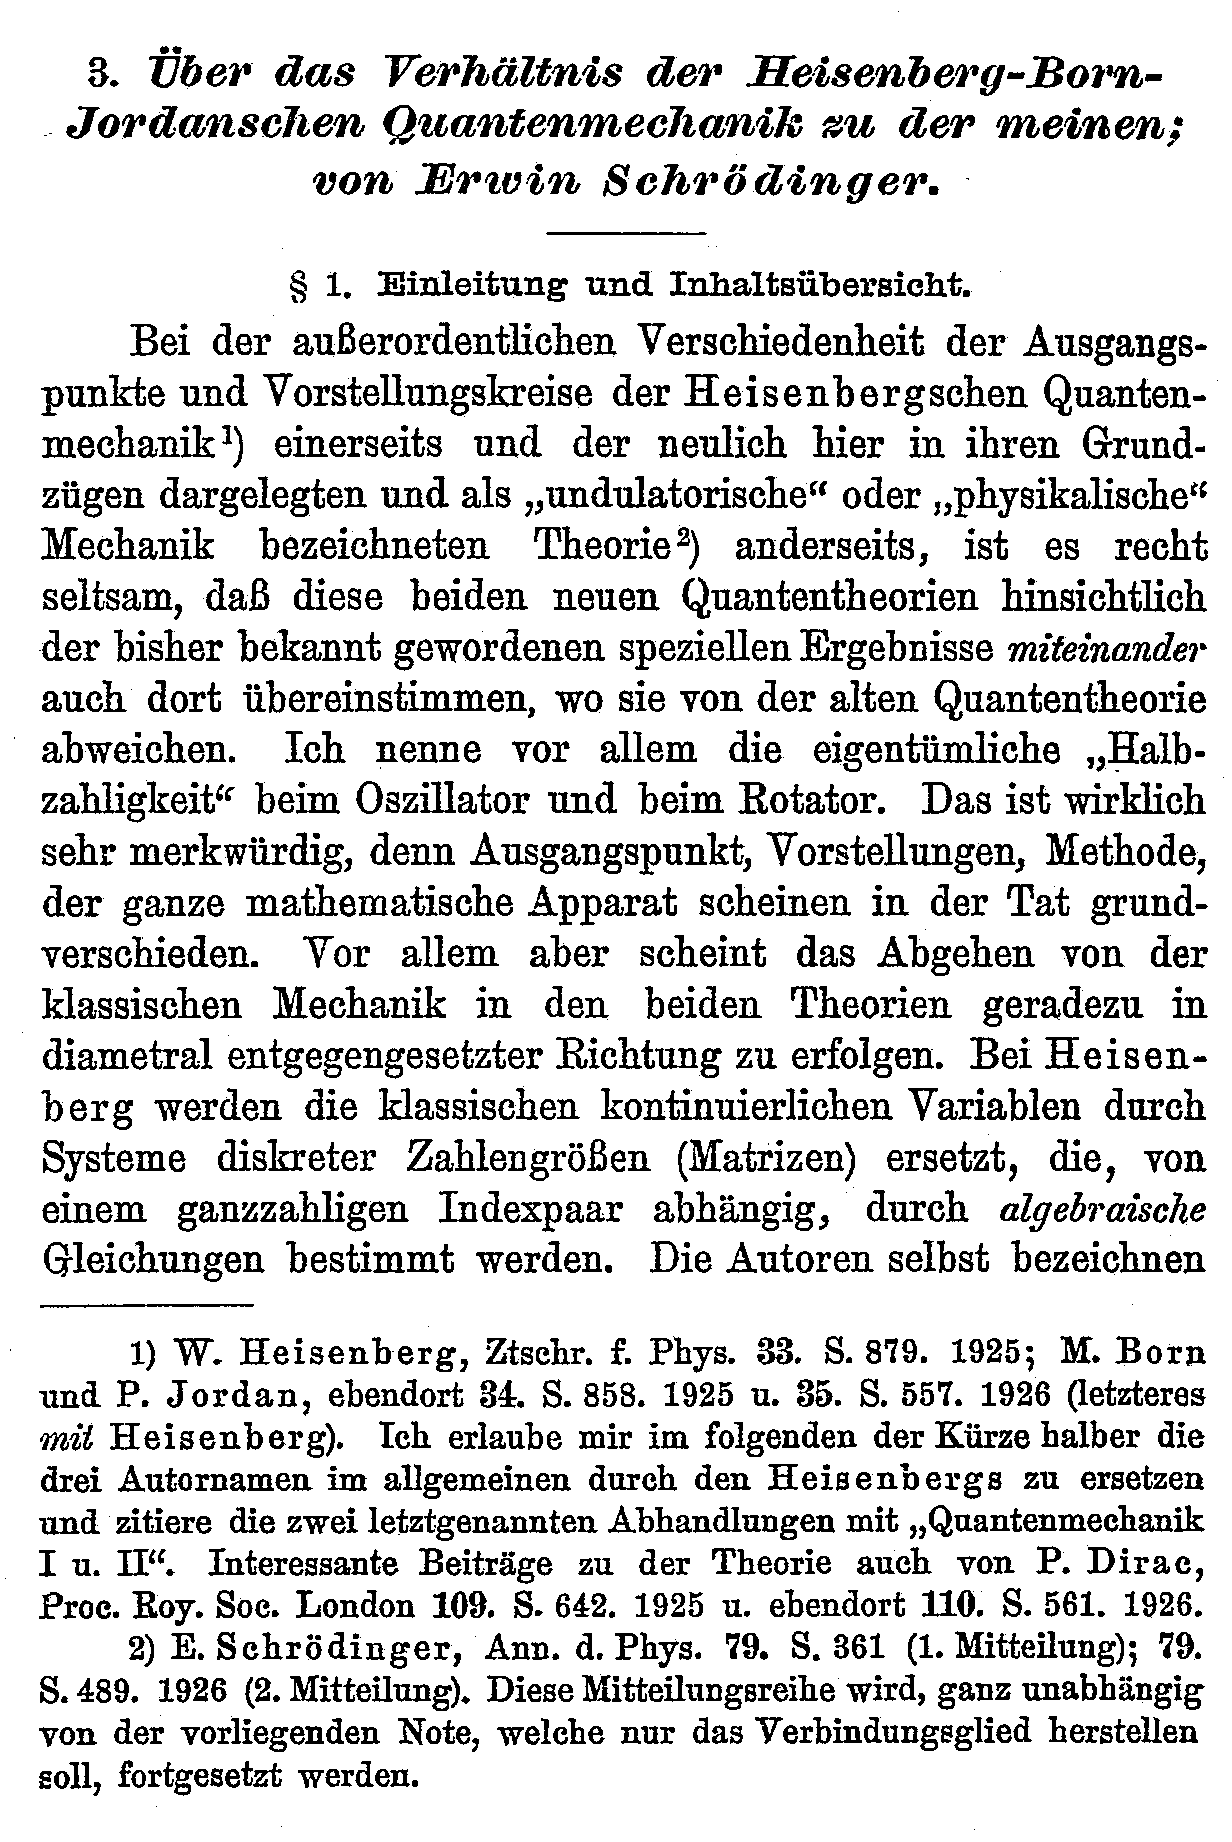 Über das Verhältnis der Heisenberg-Born-Jordanschen Quantenmechanik zu der meinen